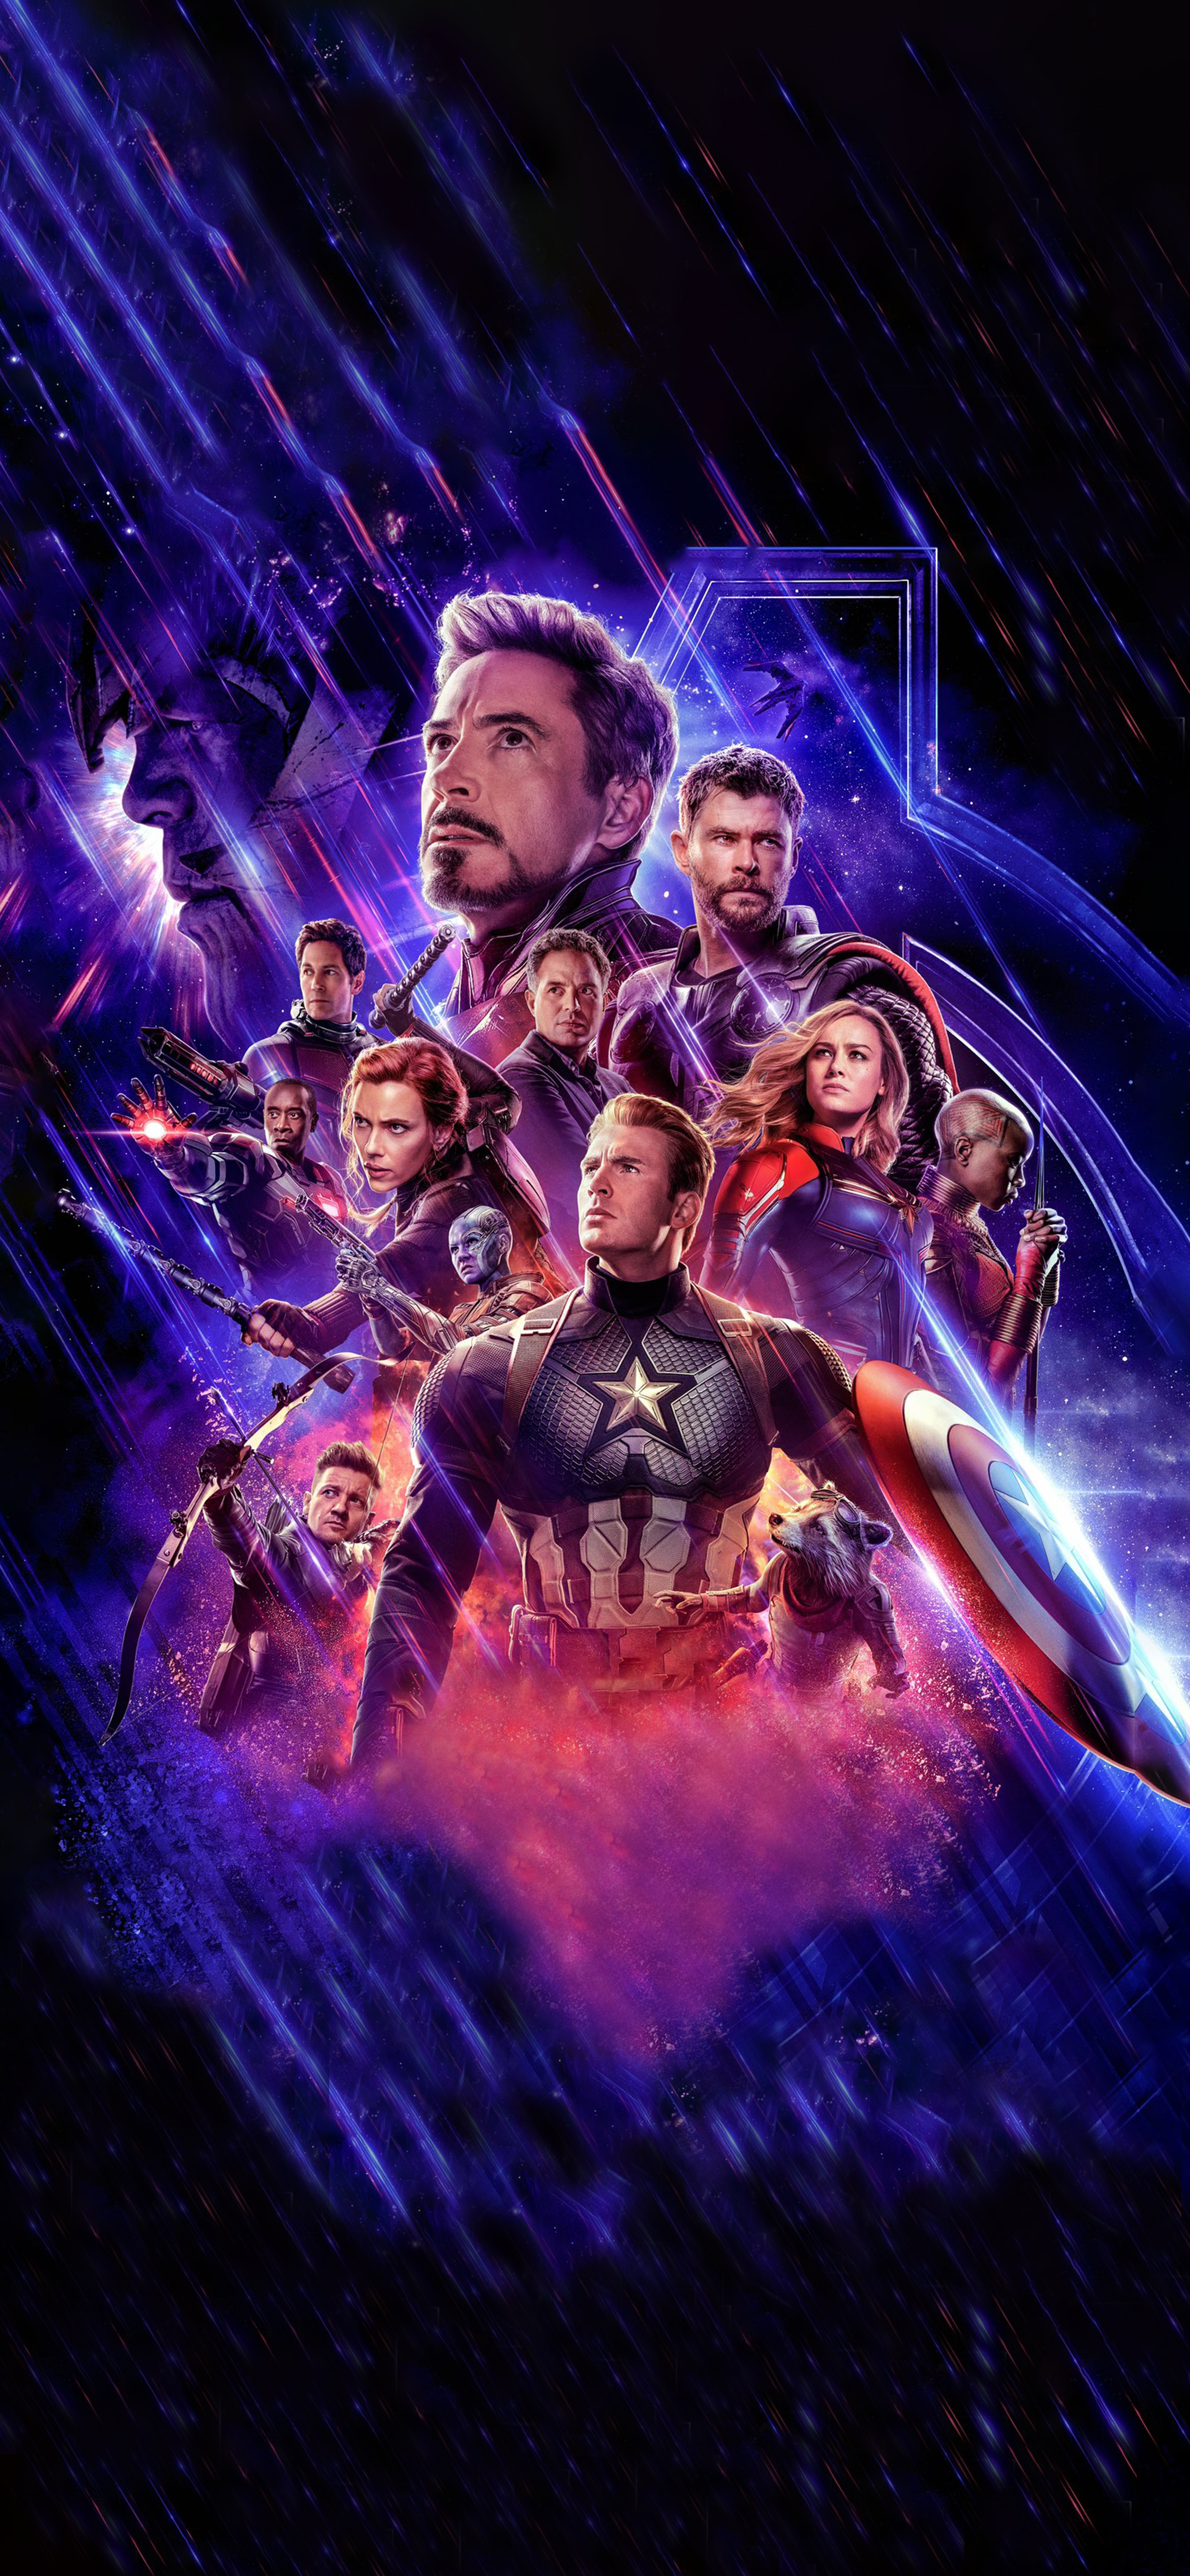 Avengers Endgame Textless Phone Wallpaper Marvel Movie